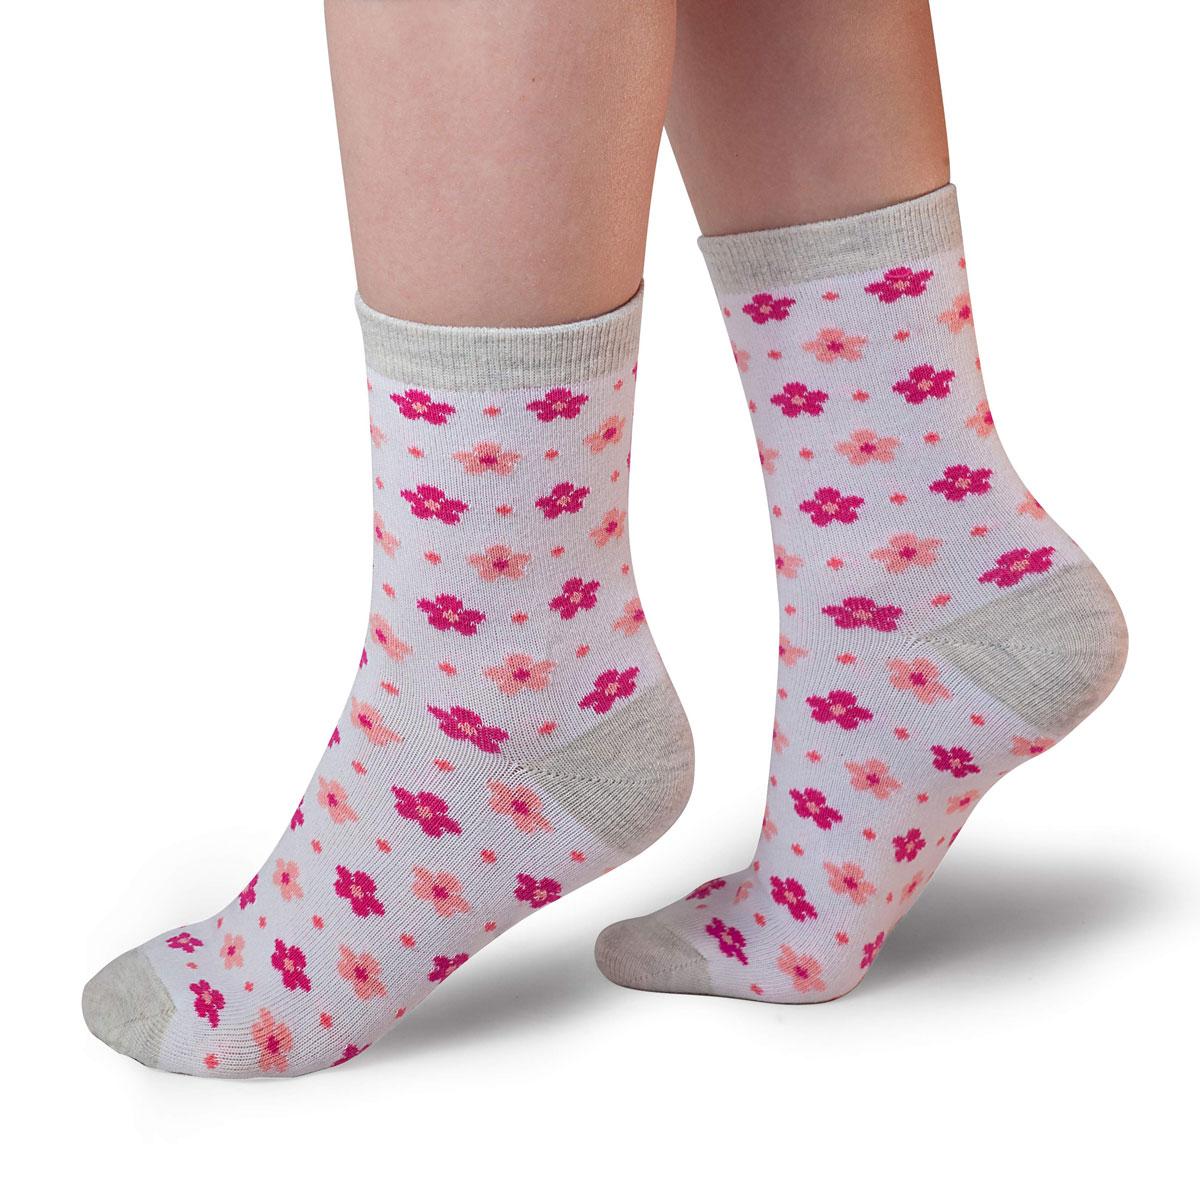 Носки для девочки Idilio, цвет: белый, коралловый. SG08. Размер 27/29SG08Комфортные носки для девочек с добавлением экологически чистого хлопка, изготовленные без применения химических красителей.